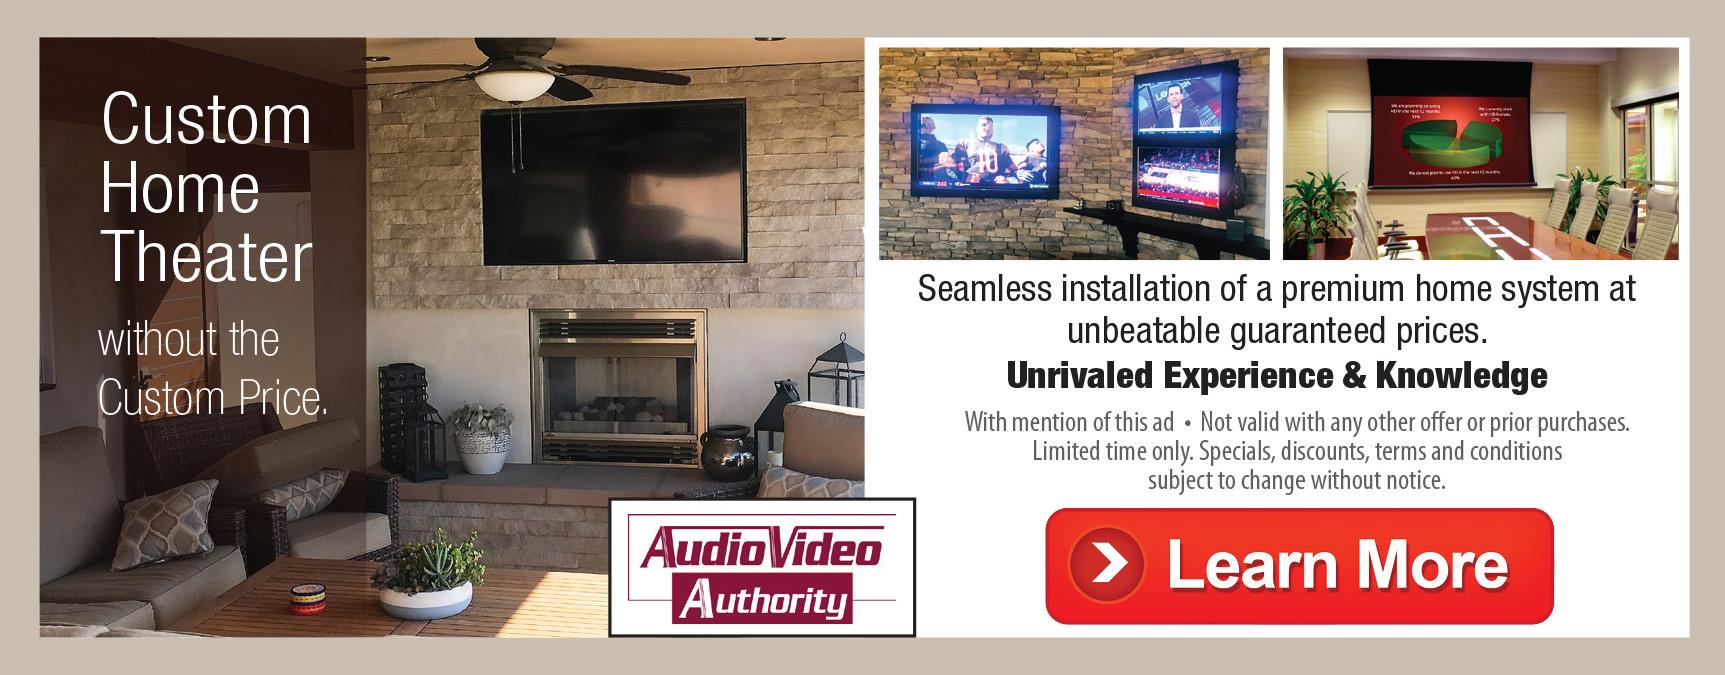 Audio Video_Offer_Reg_12-18.jpg